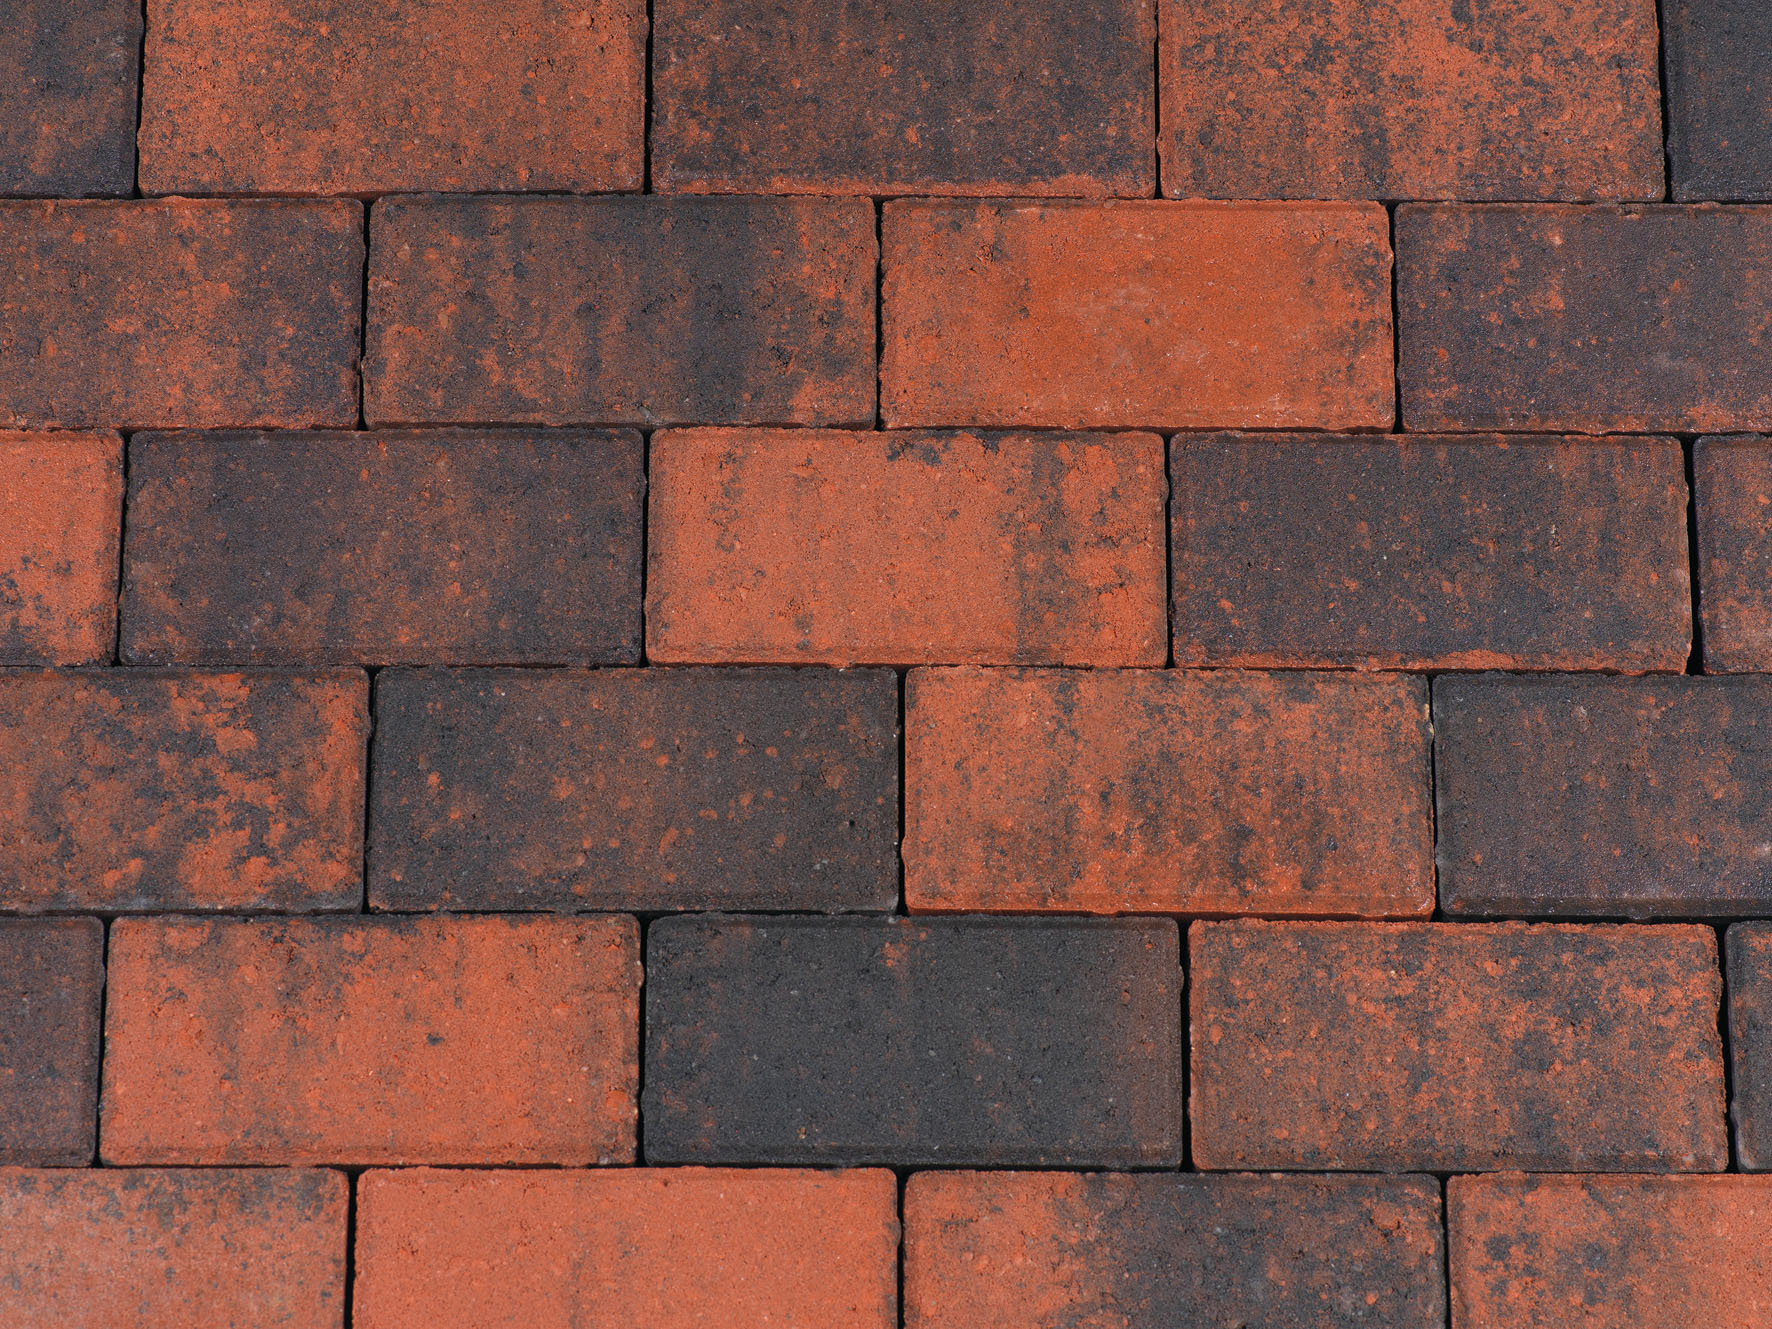 Kijlstra | Betonstraatsteen 21x10.5x8 | Rood/zwart